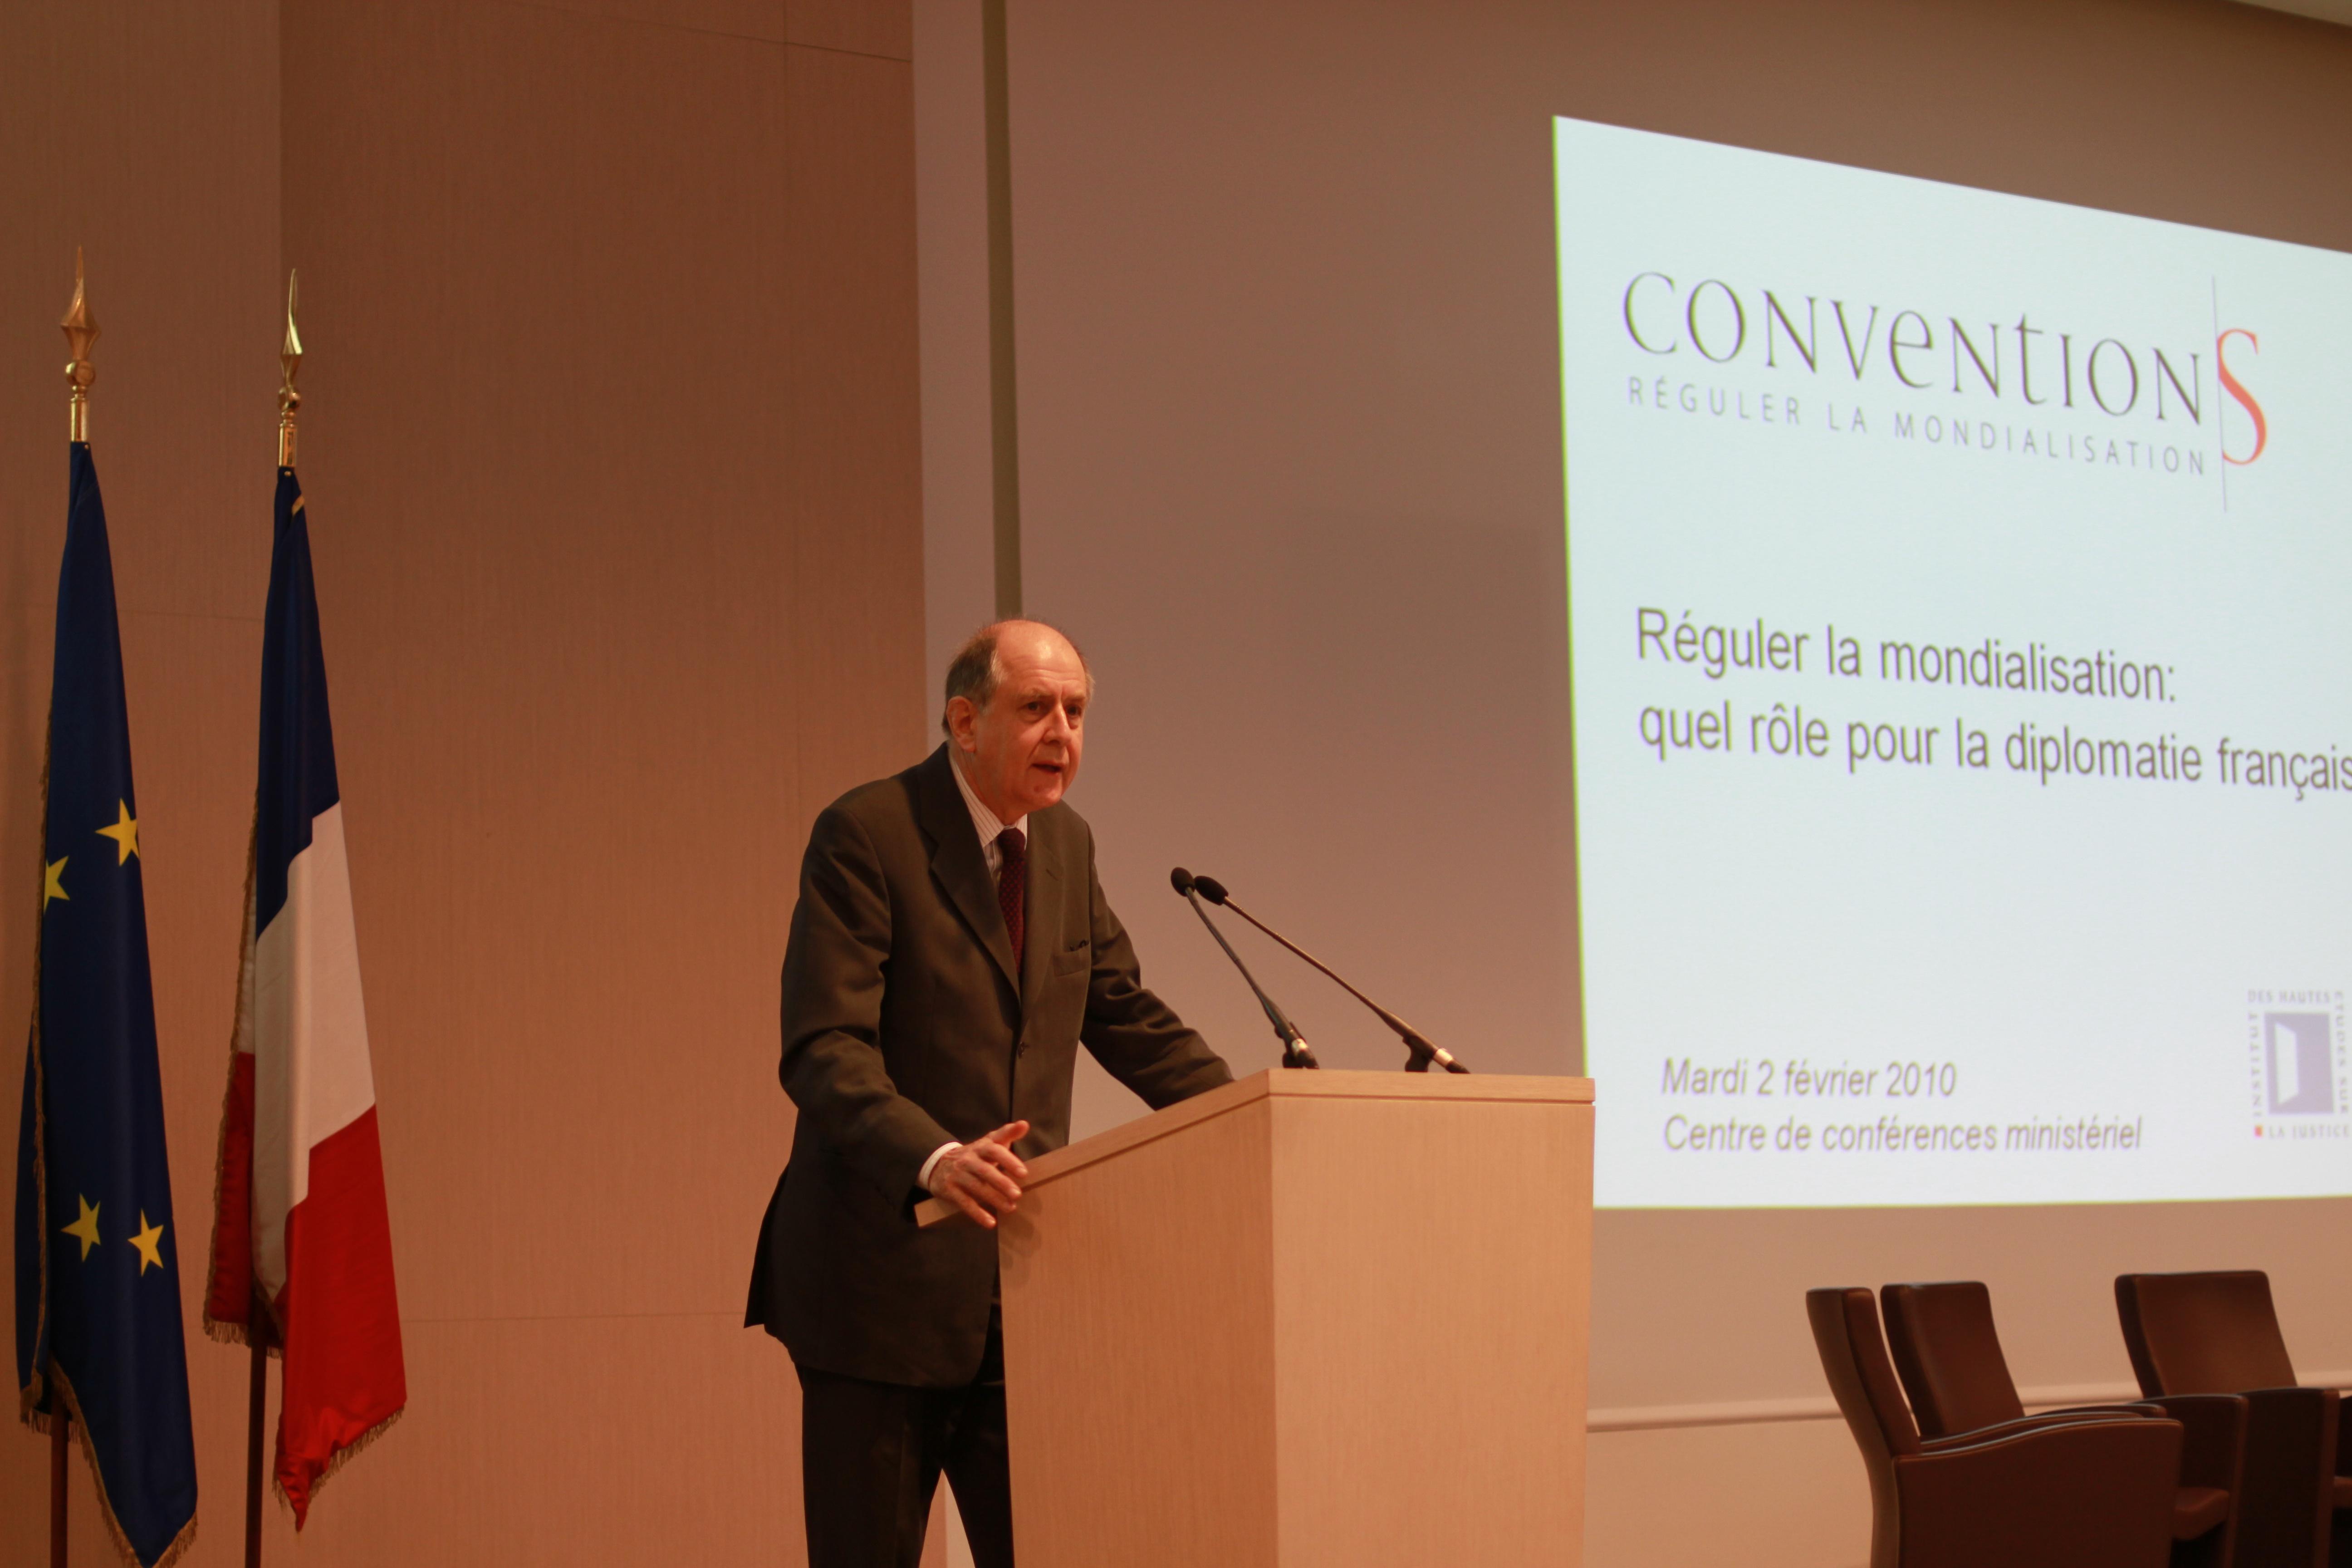 Jean-Marc Sauvé Conventions